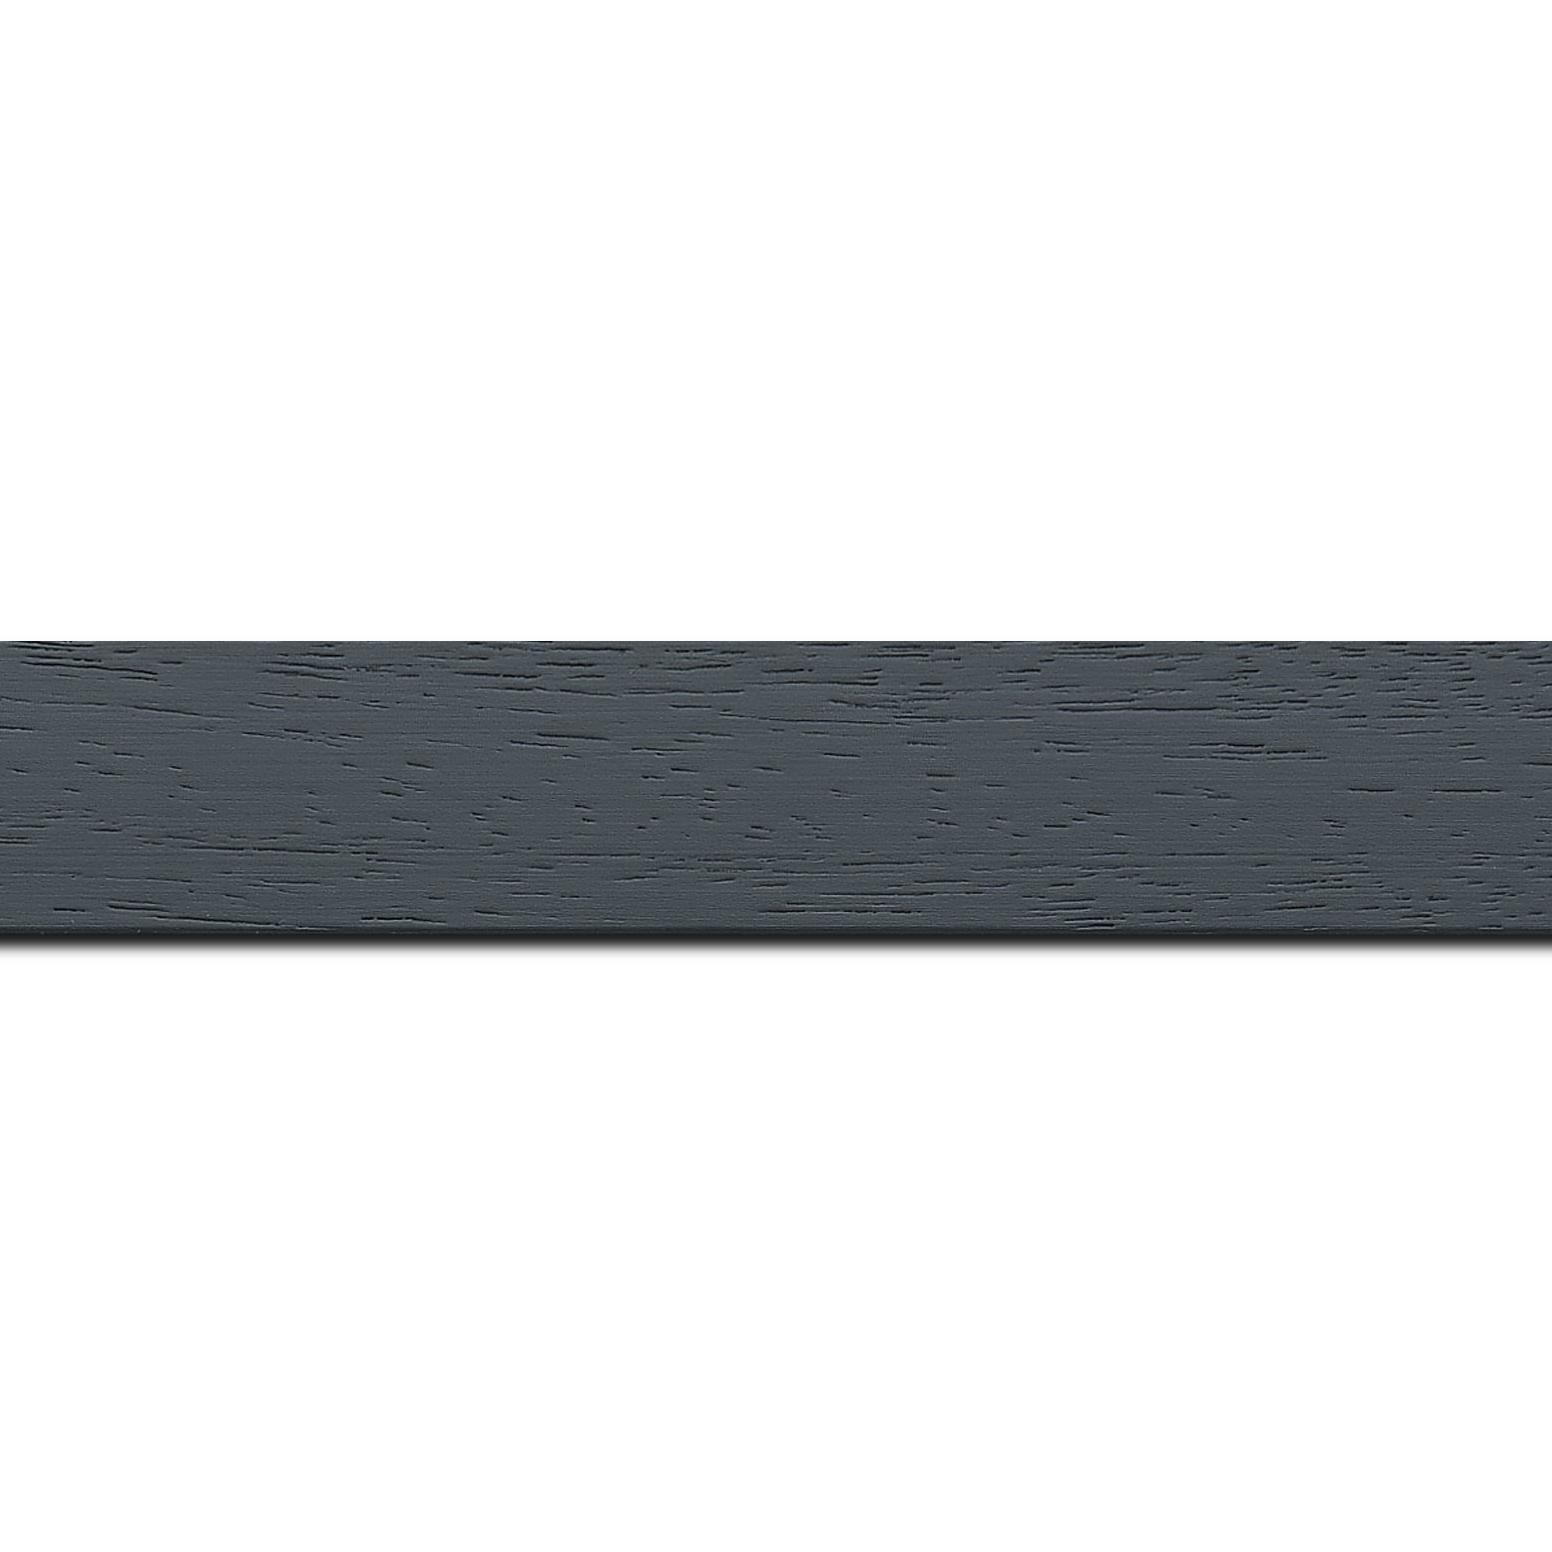 Baguette longueur 1.40m bois profil plat largeur 3cm couleur gris foncé satiné